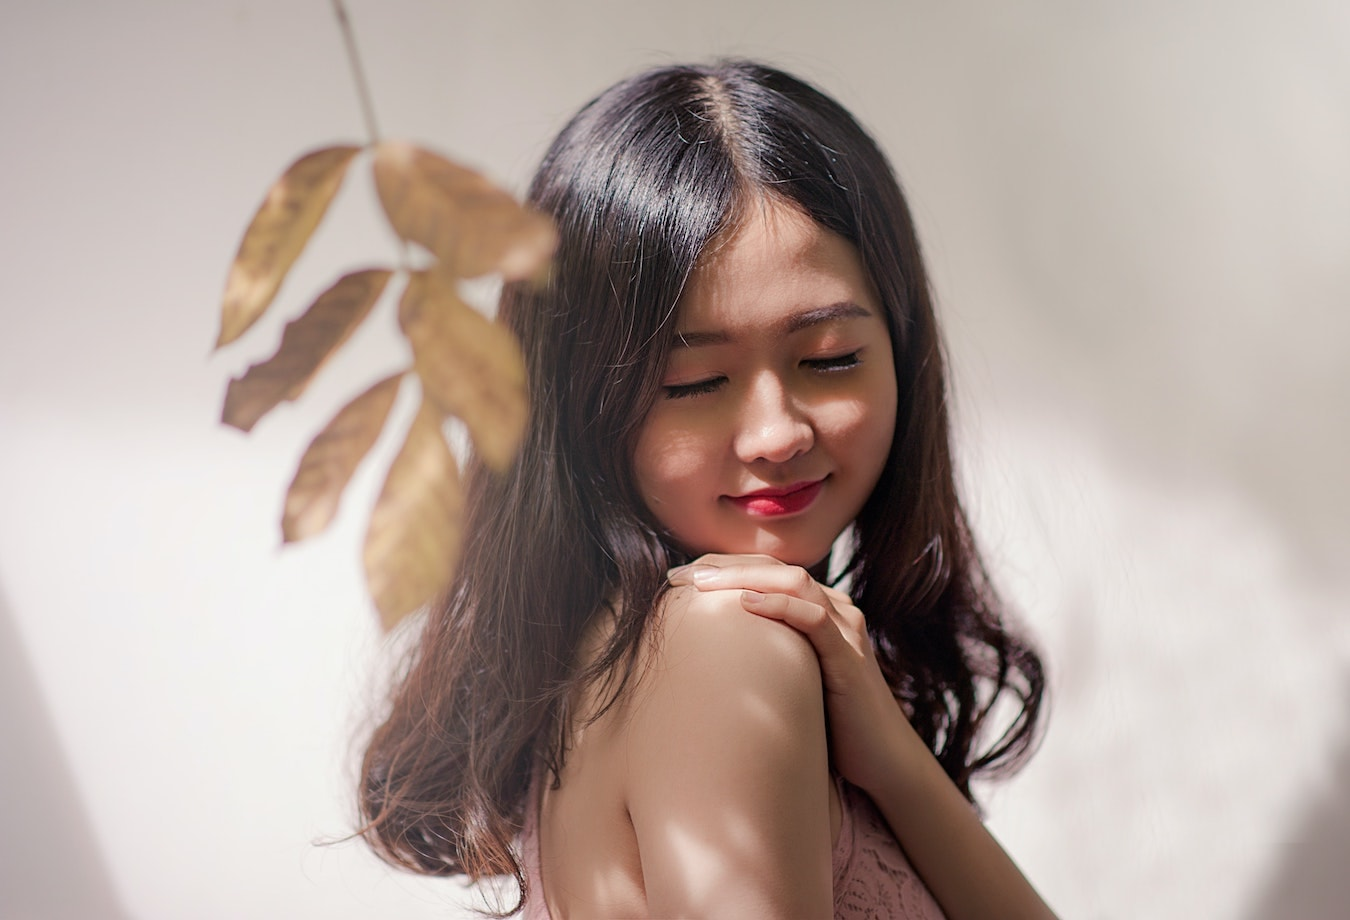 junge asiatische Frau streicht sich über die Haut - natürliche Hautpflege, ätherische Öle für die Haut